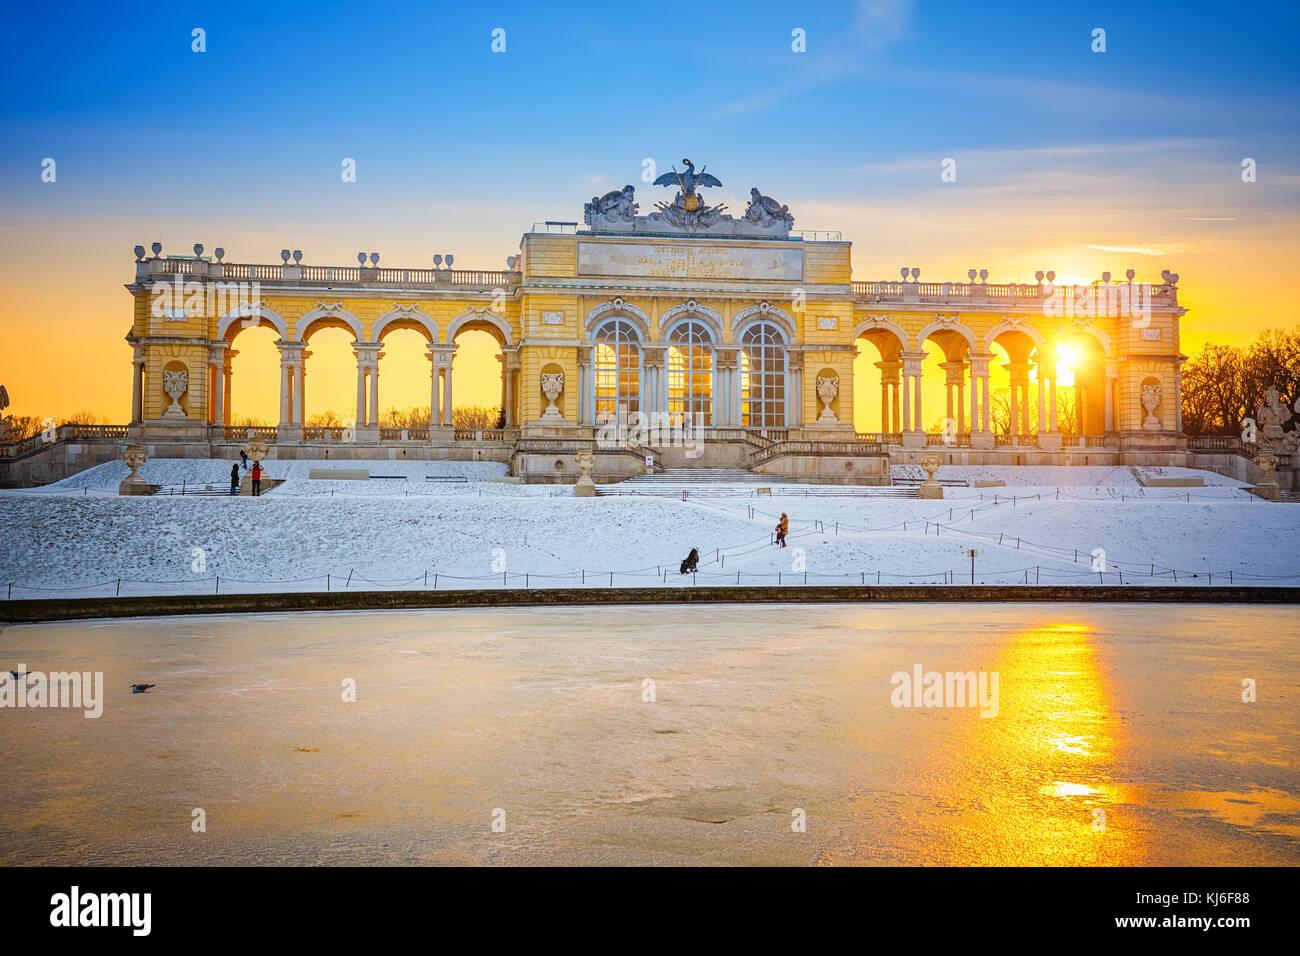 Gloriette en Palacio Schonbrunn en invierno, Viena, Austria Imagen De Stock